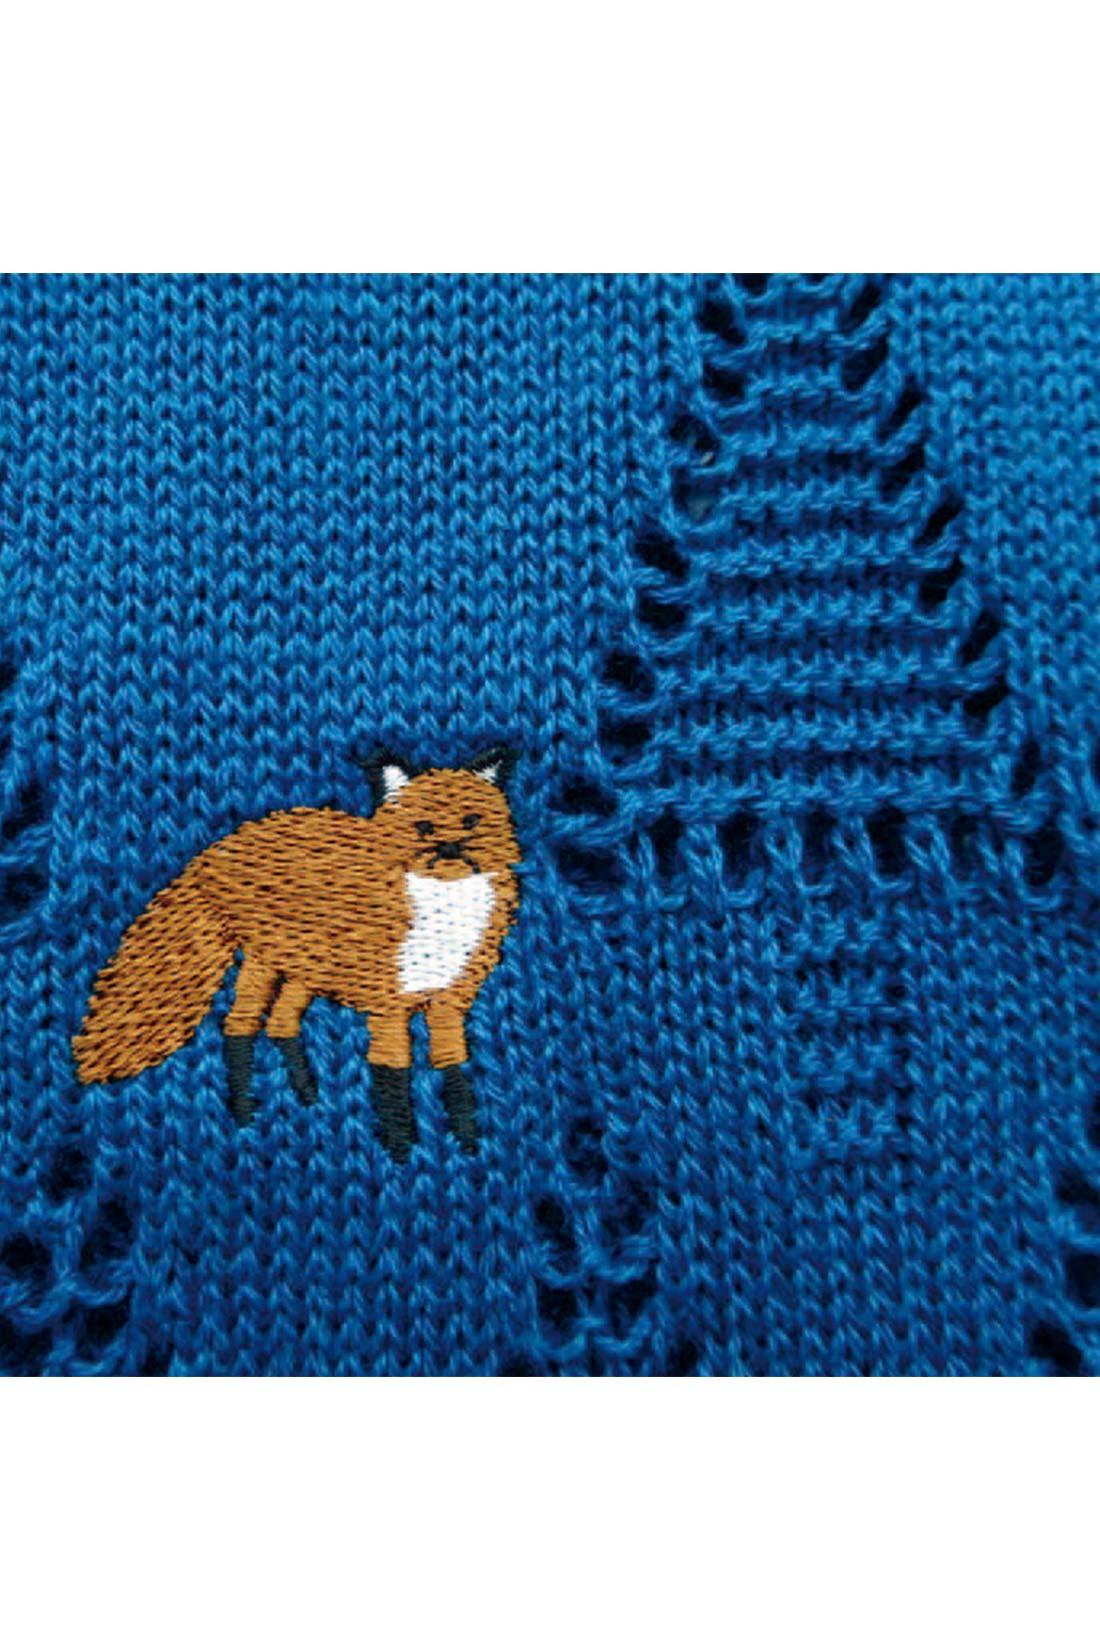 ■森の中に。 透かし編みの森の中に、刺しゅうのキツネさんがこんにちは。